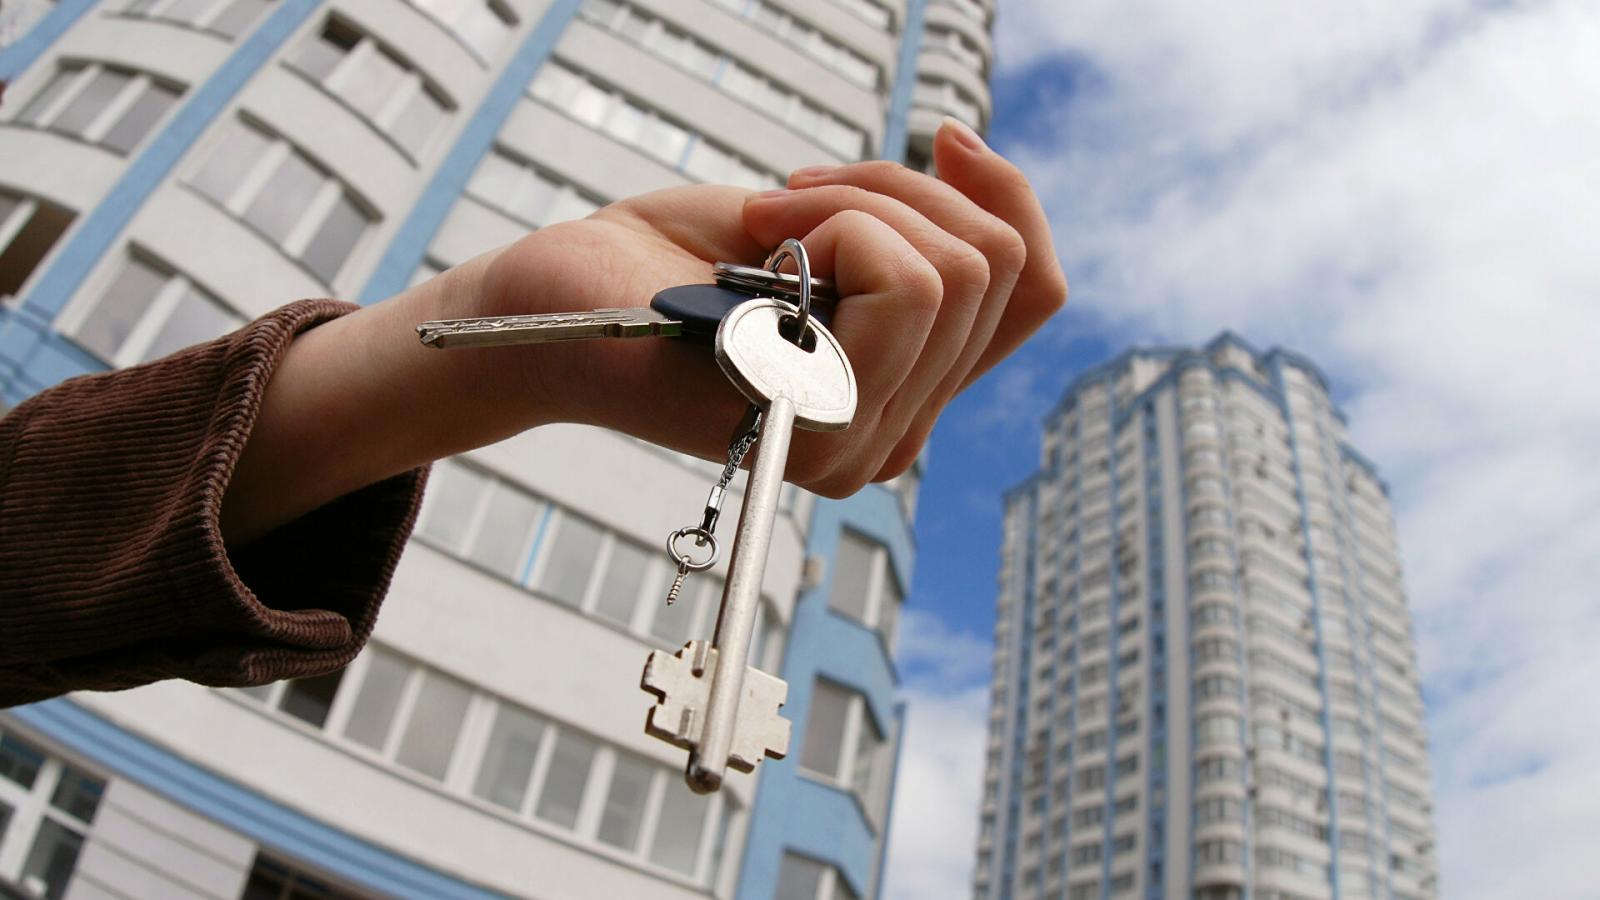 Врачам Брянского района купили 19 служебных квартир за 33,3 млн рублей